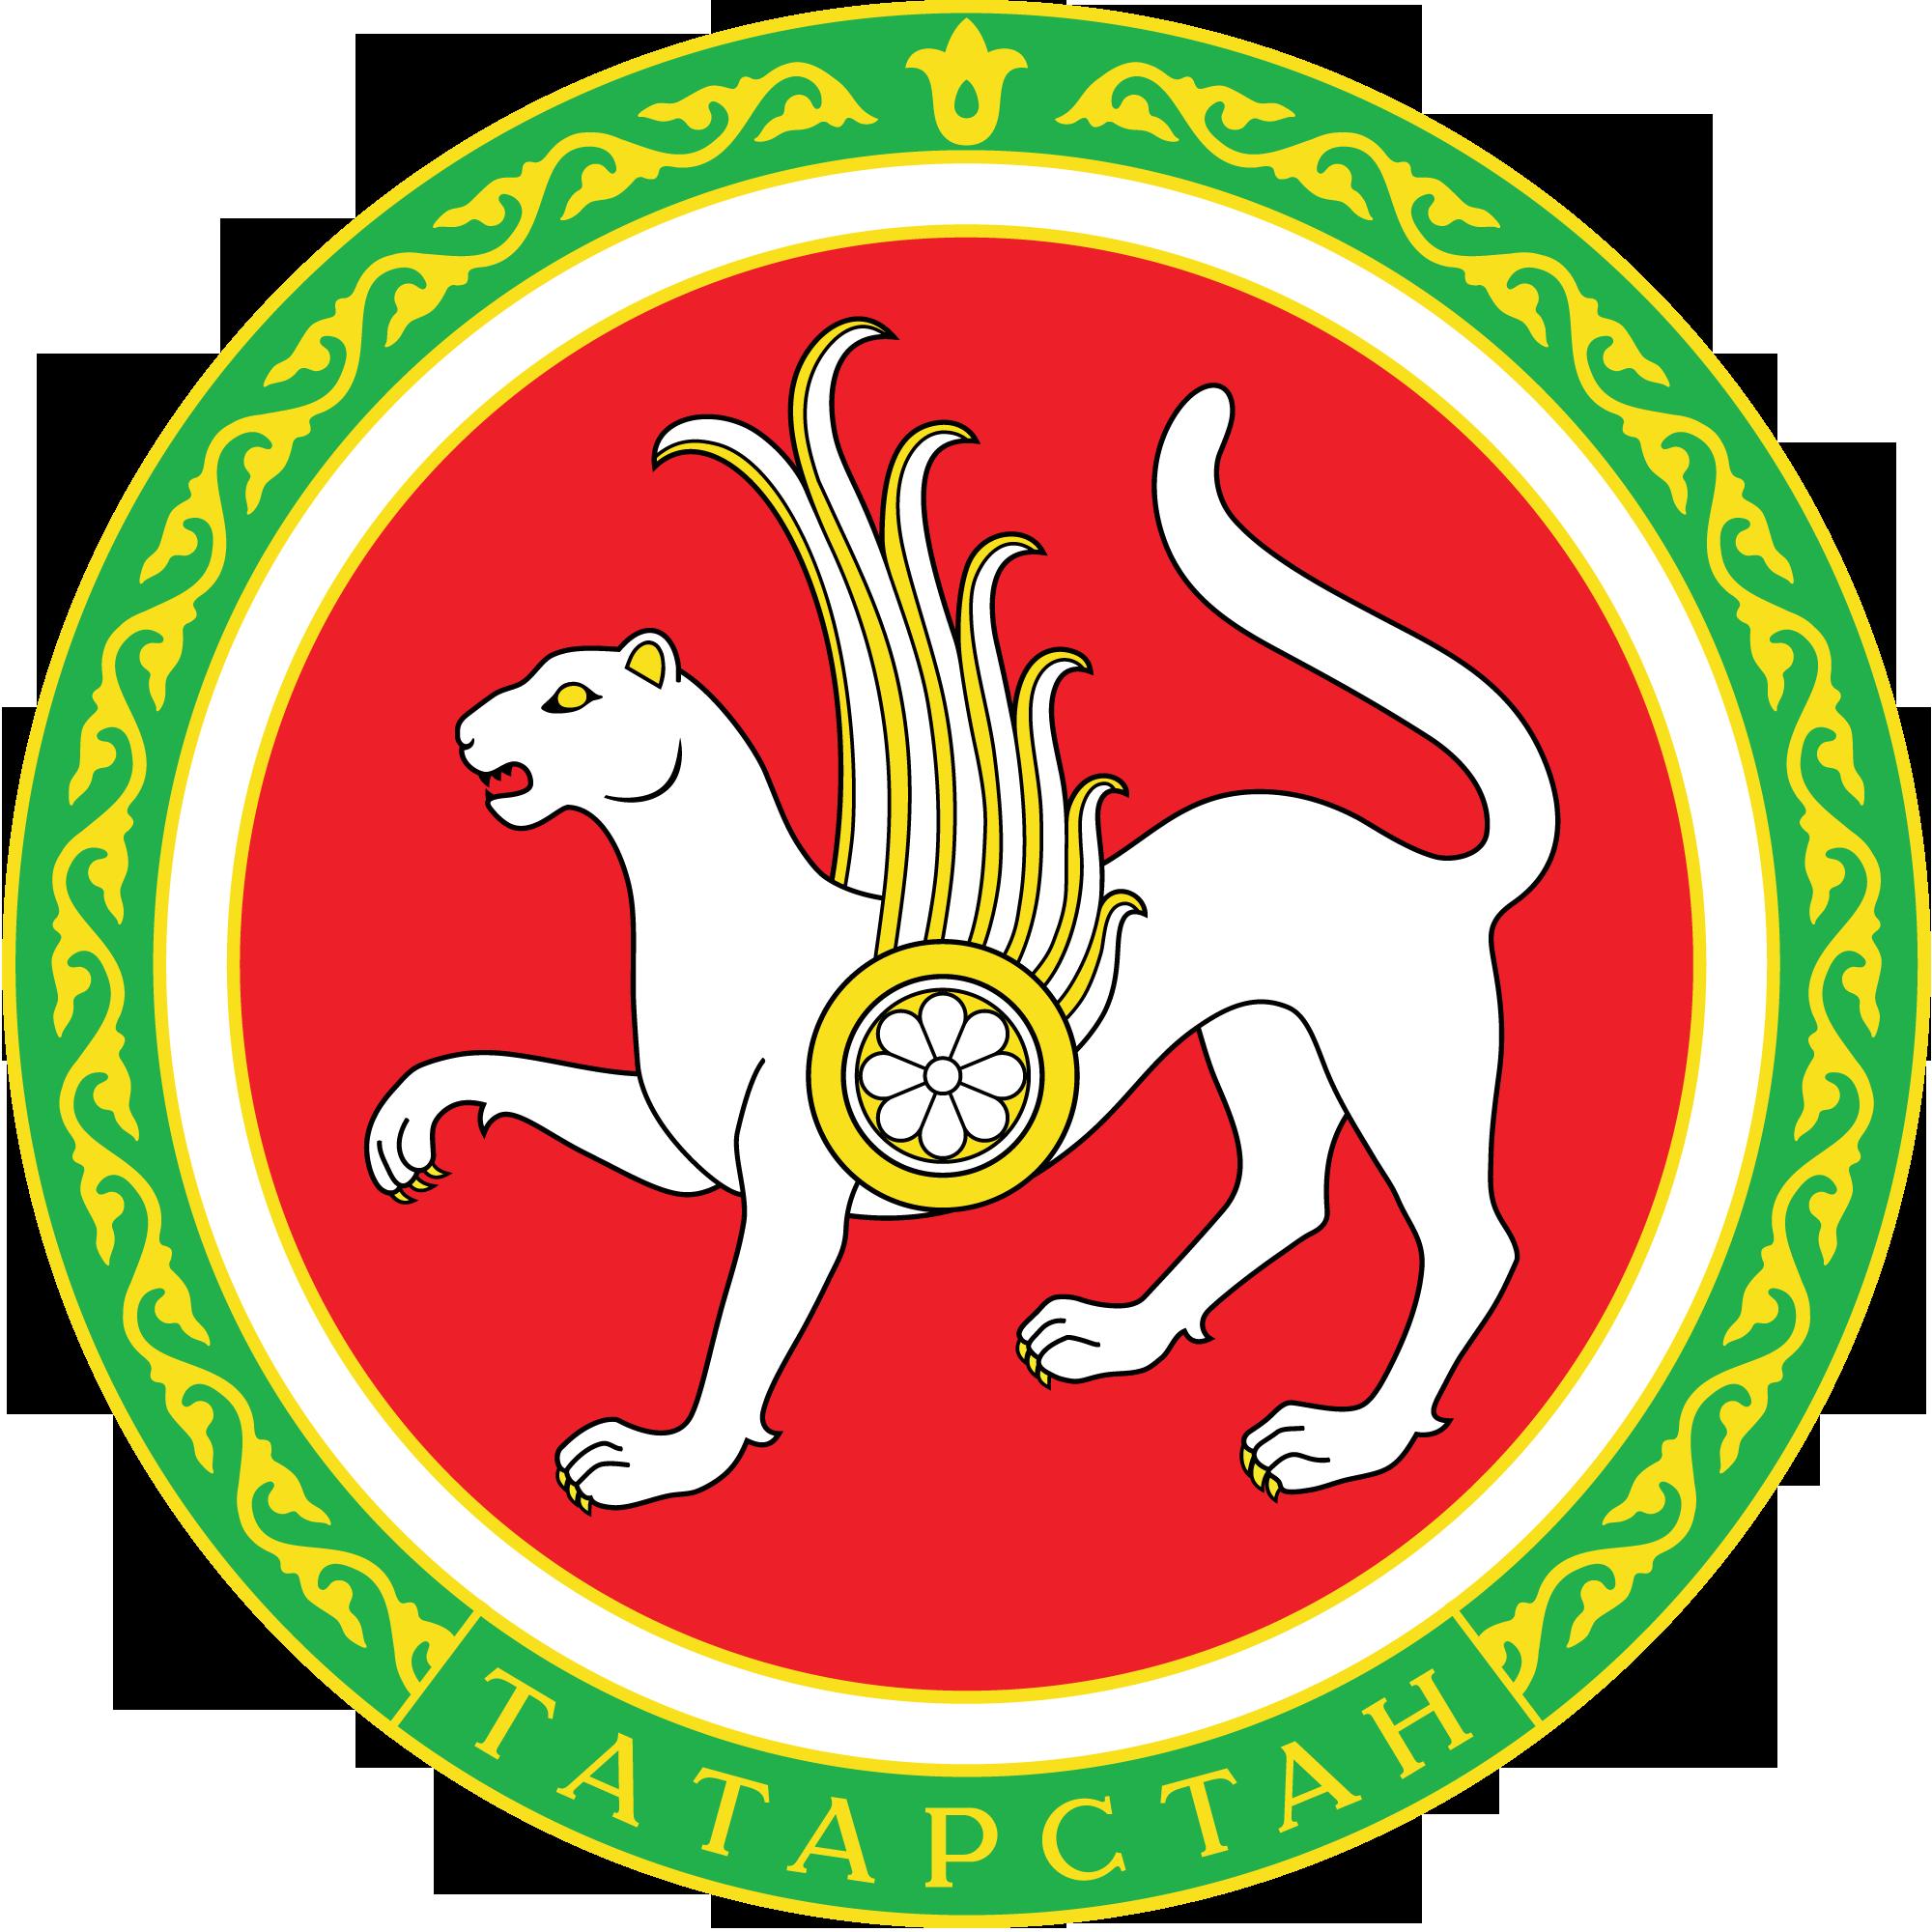 векторный герб Республики Татарстан